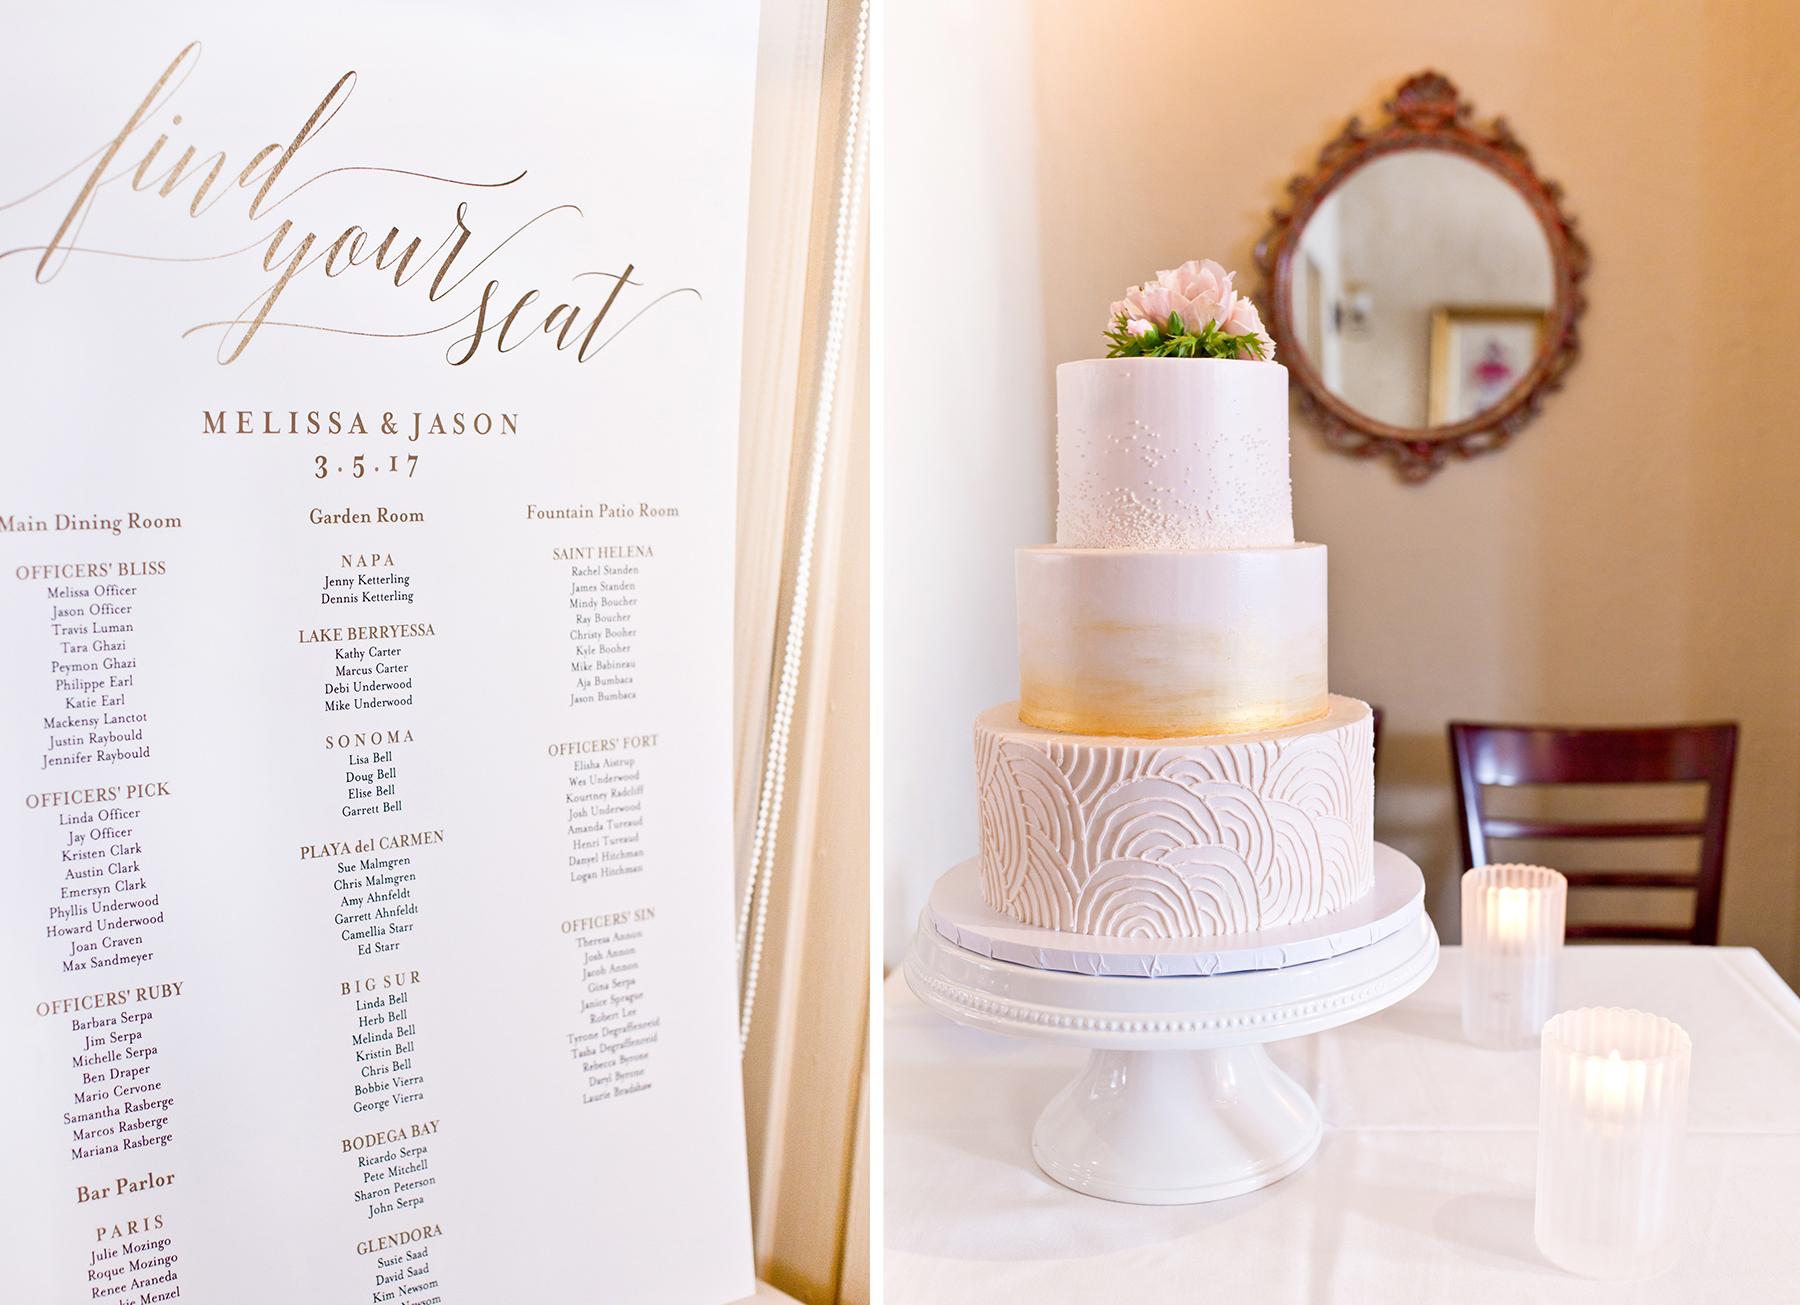 Officer_cake